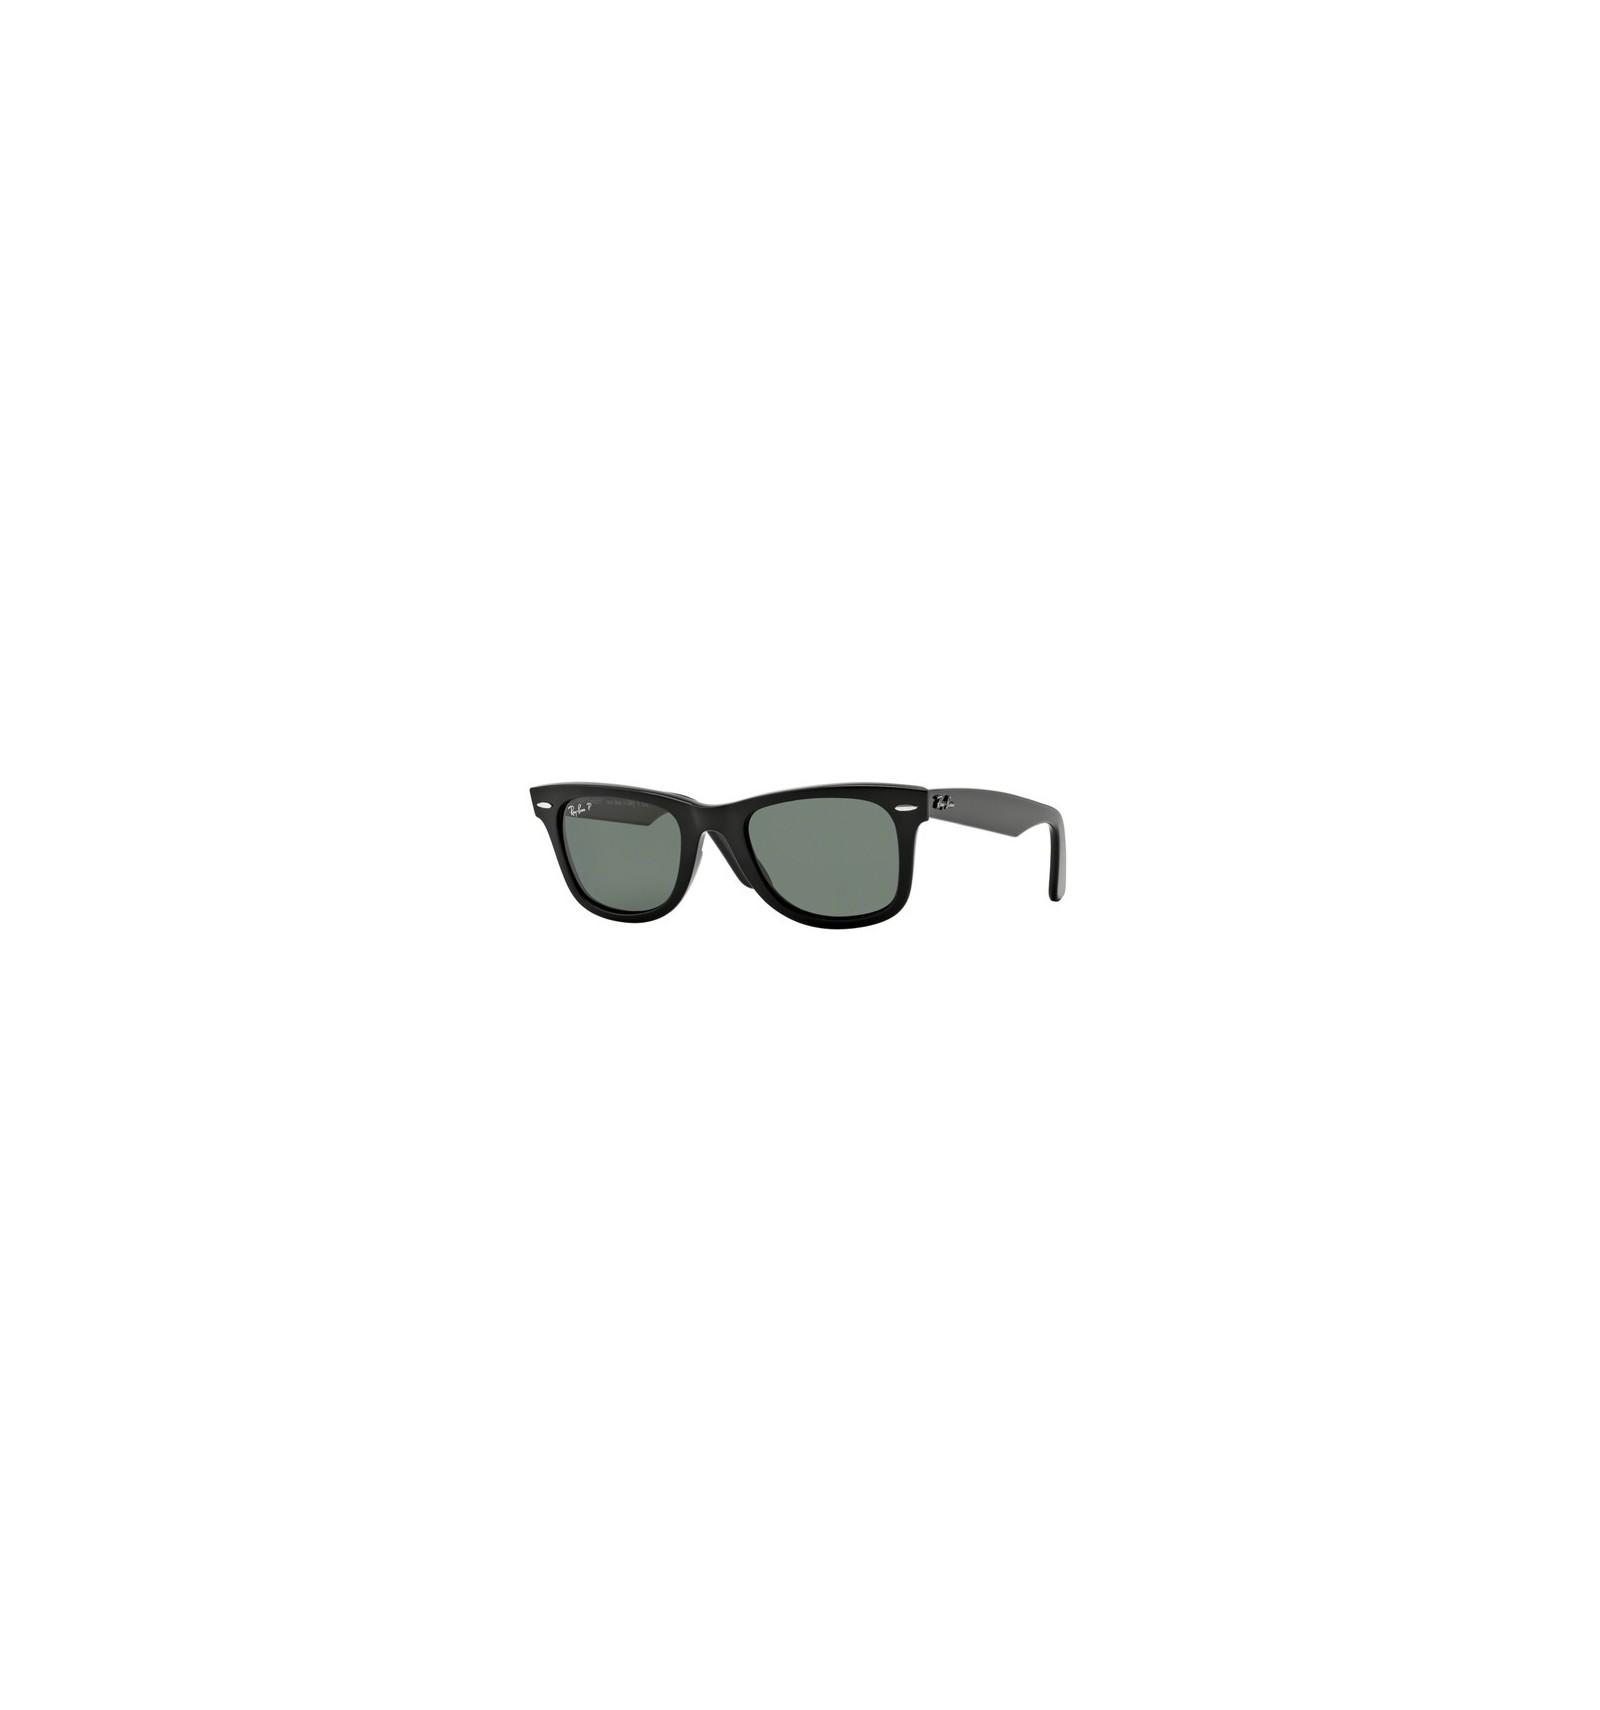 gafas de sol ray ban originales